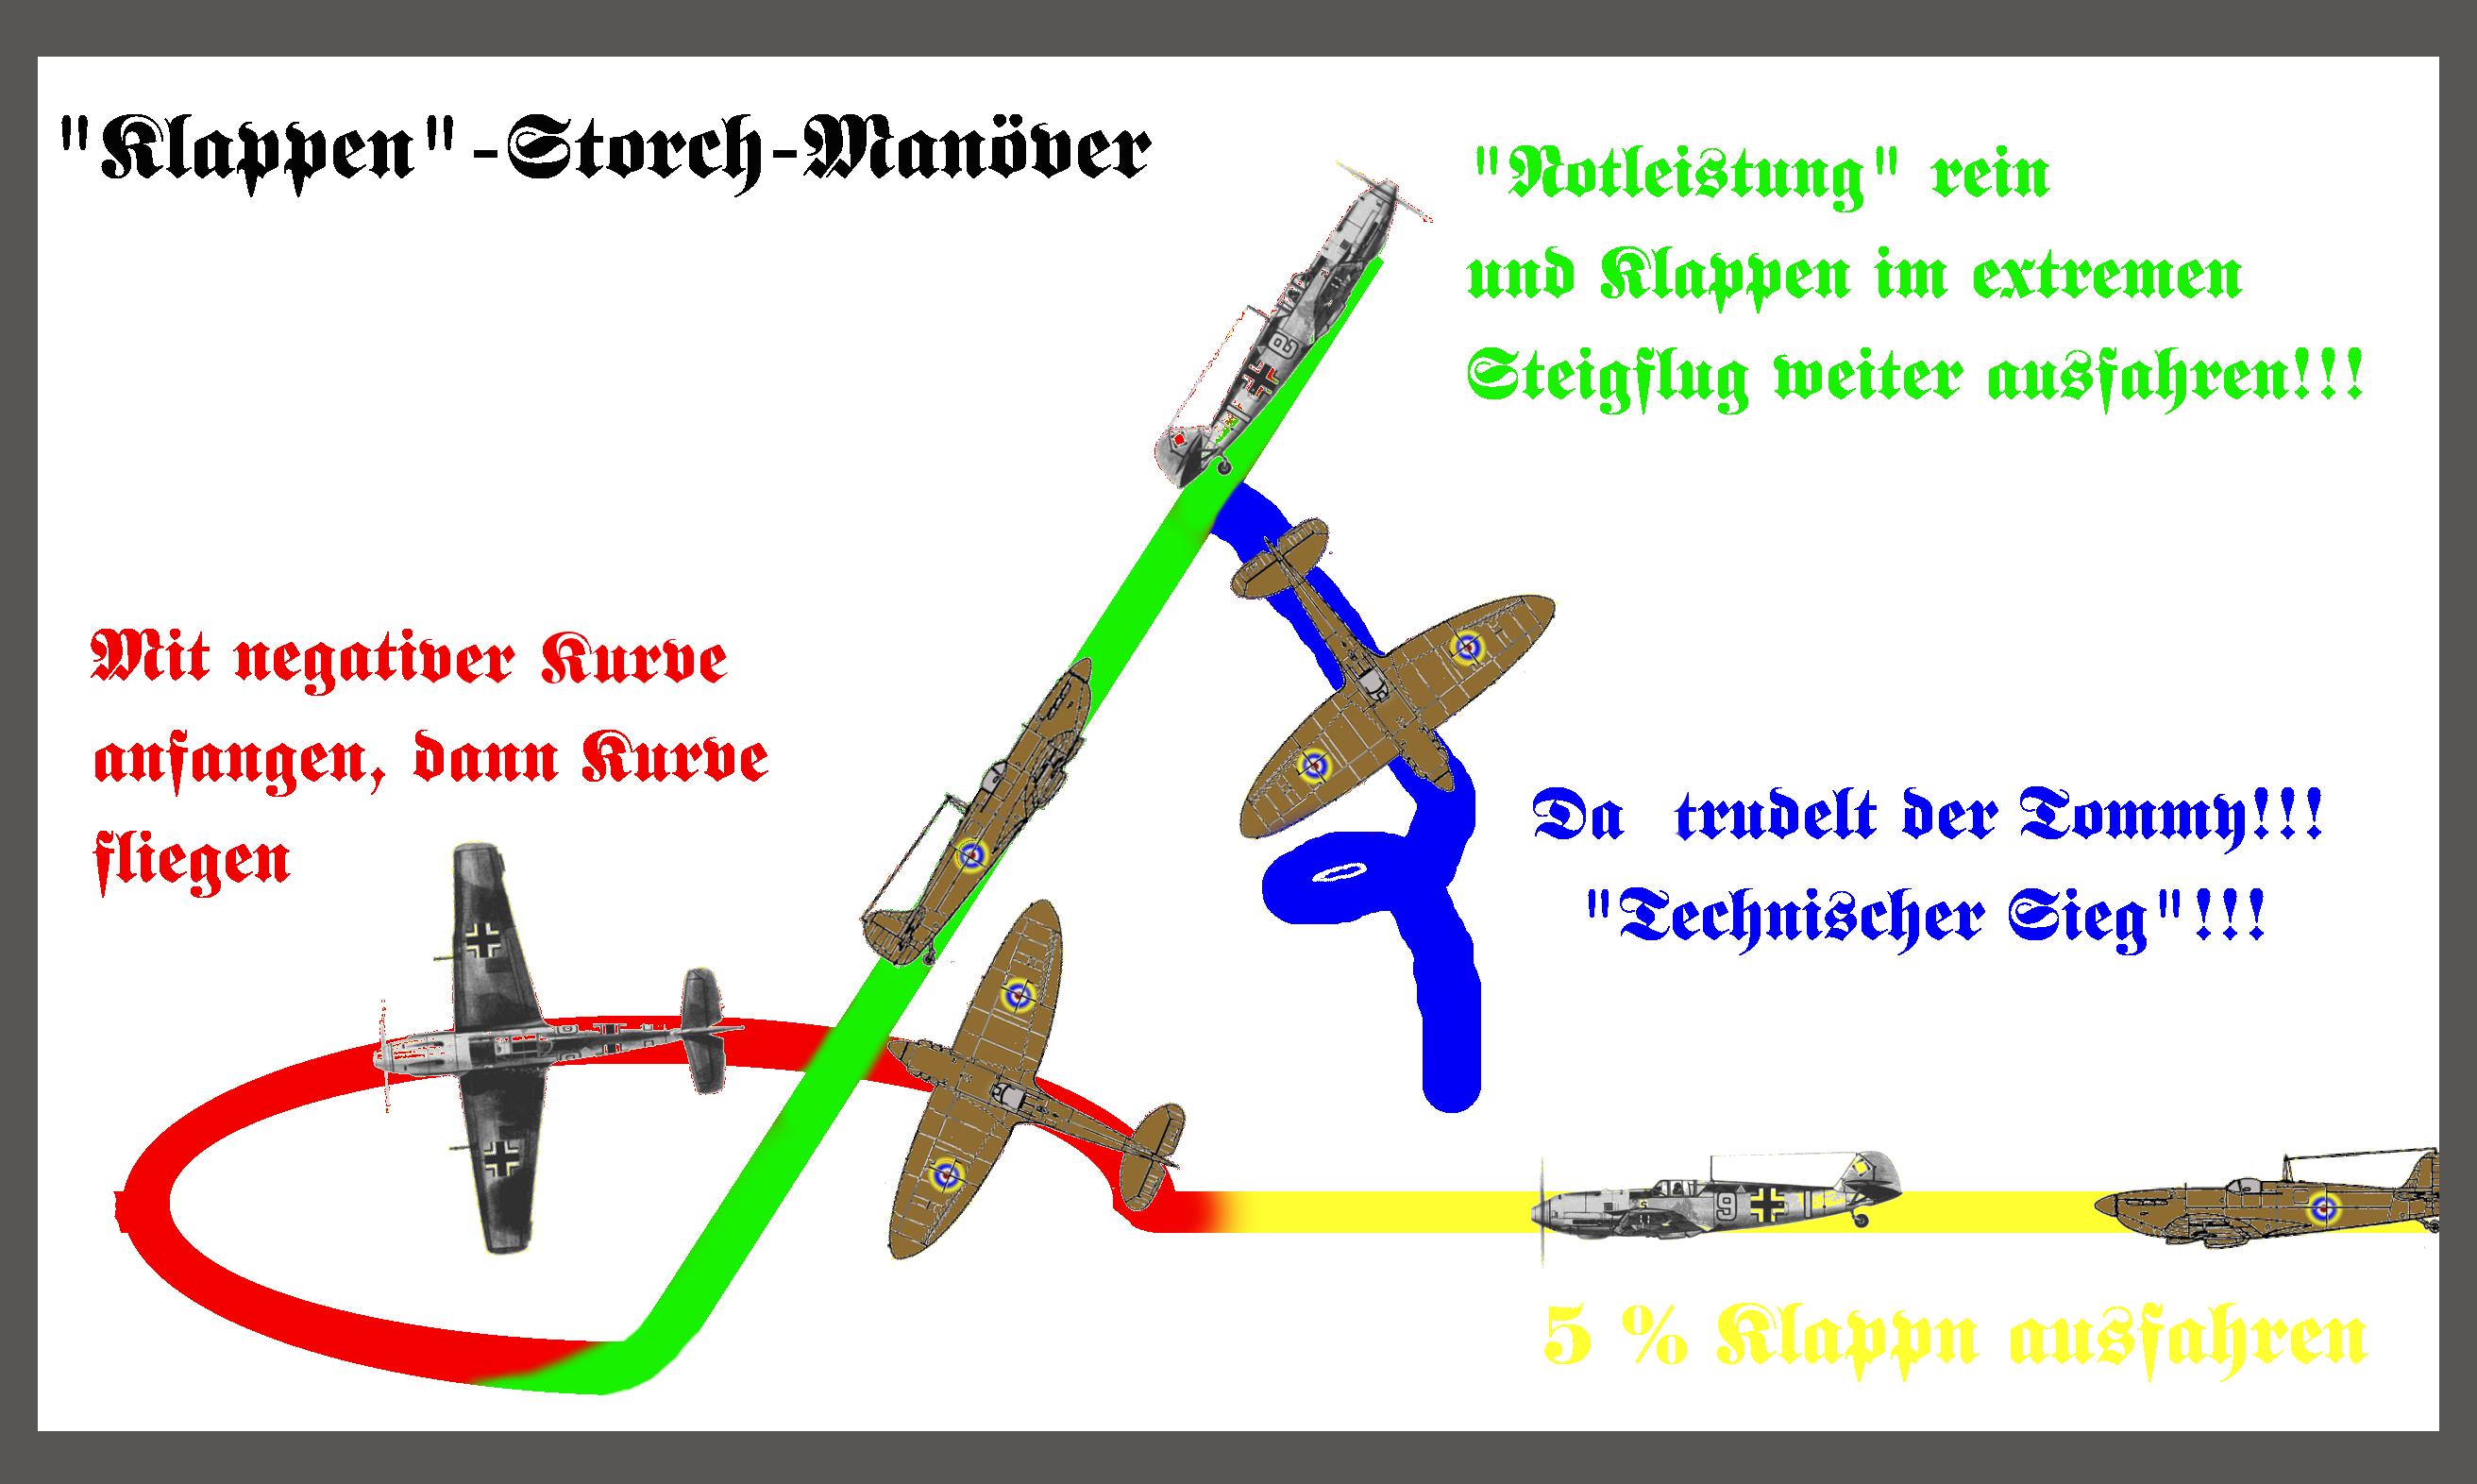 KlappenStorchManver.png